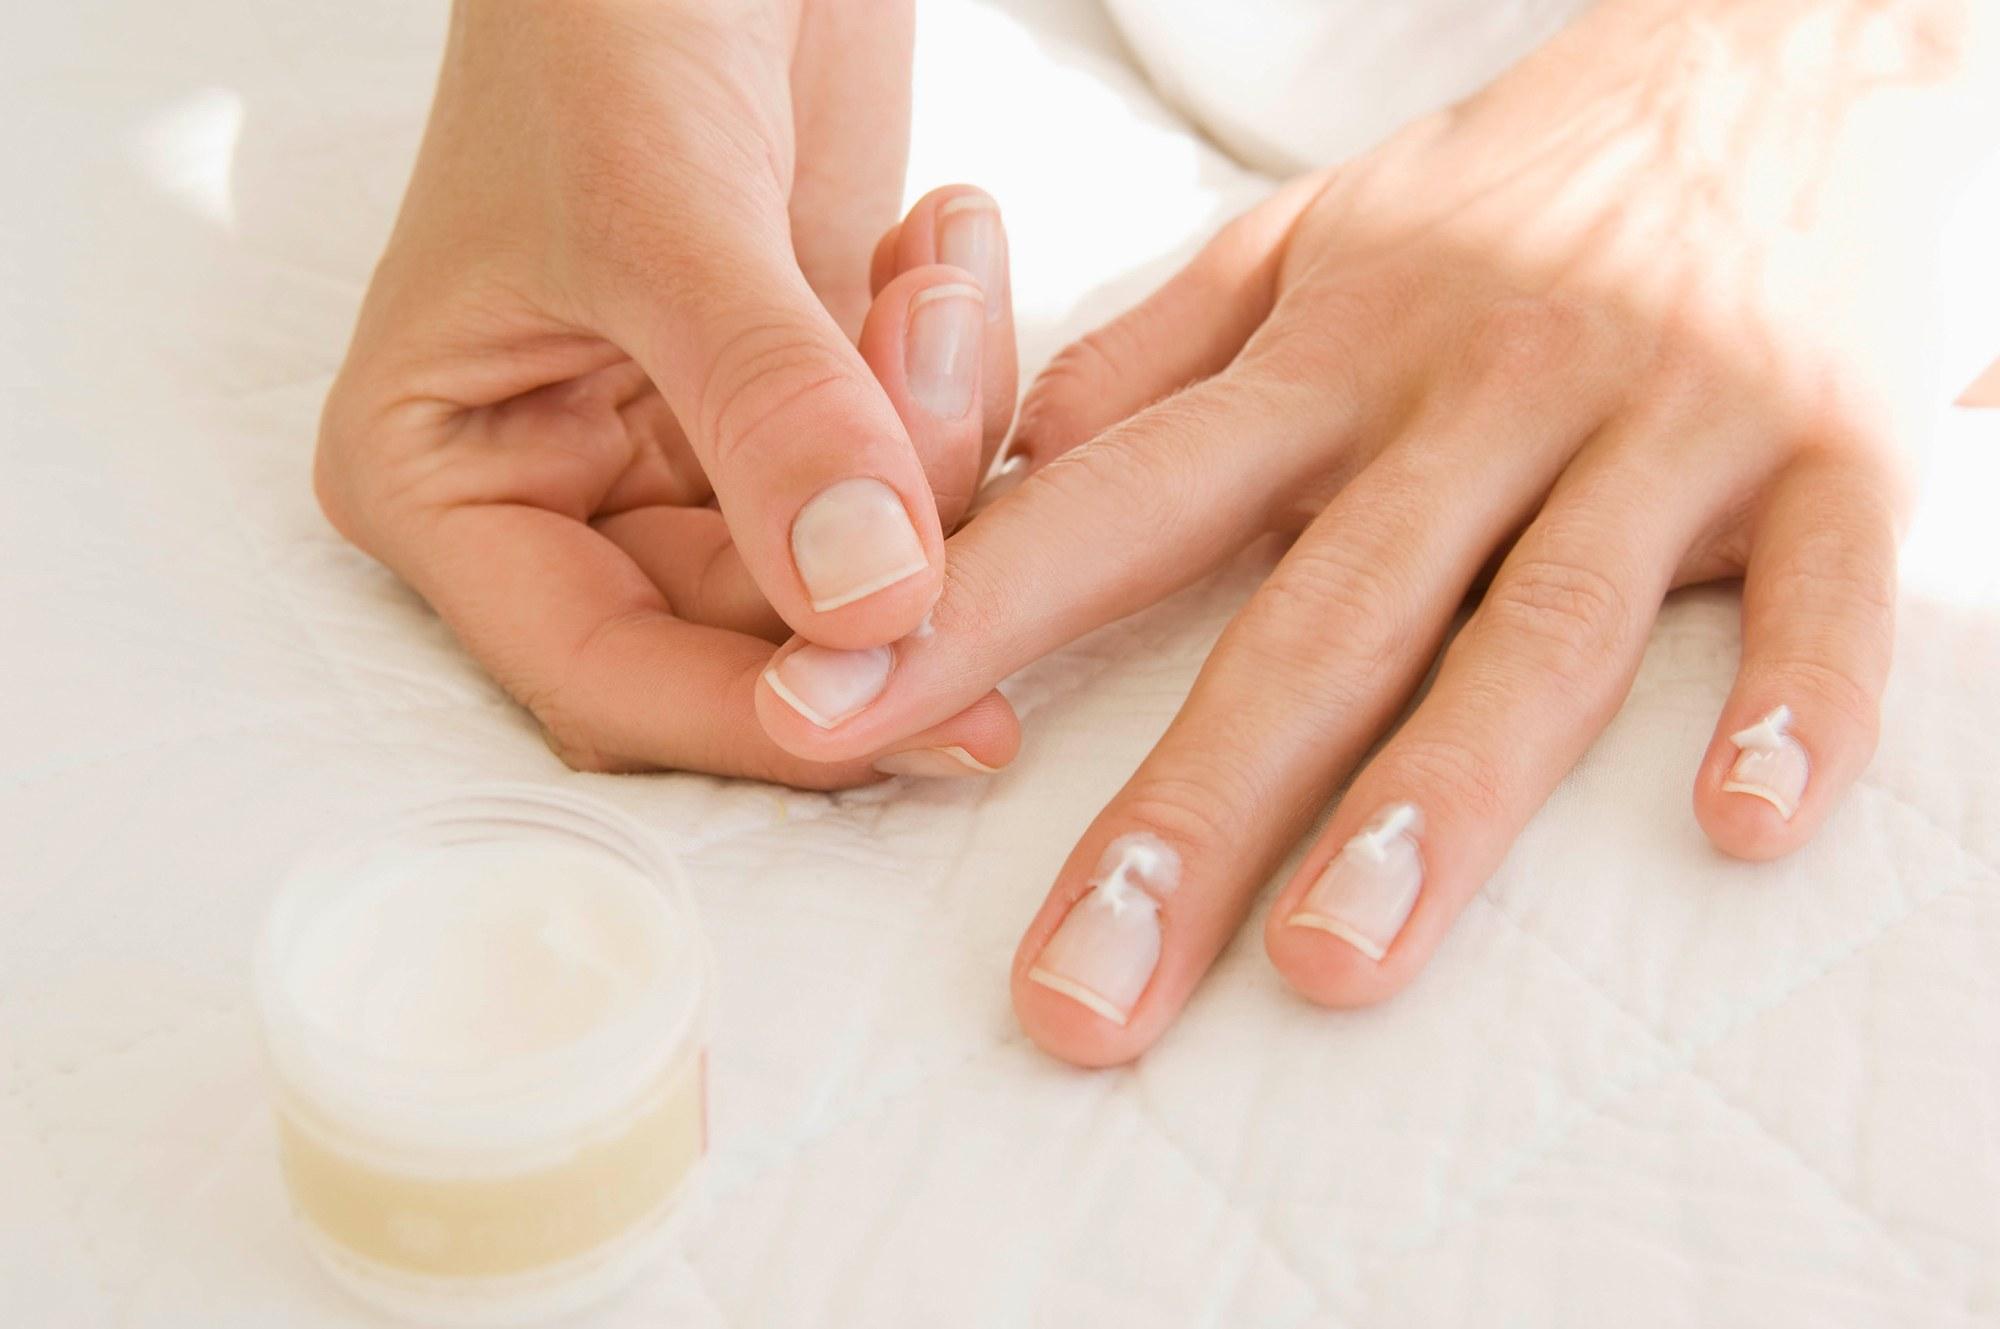 نصائح لإزالة طلاء الأظافر